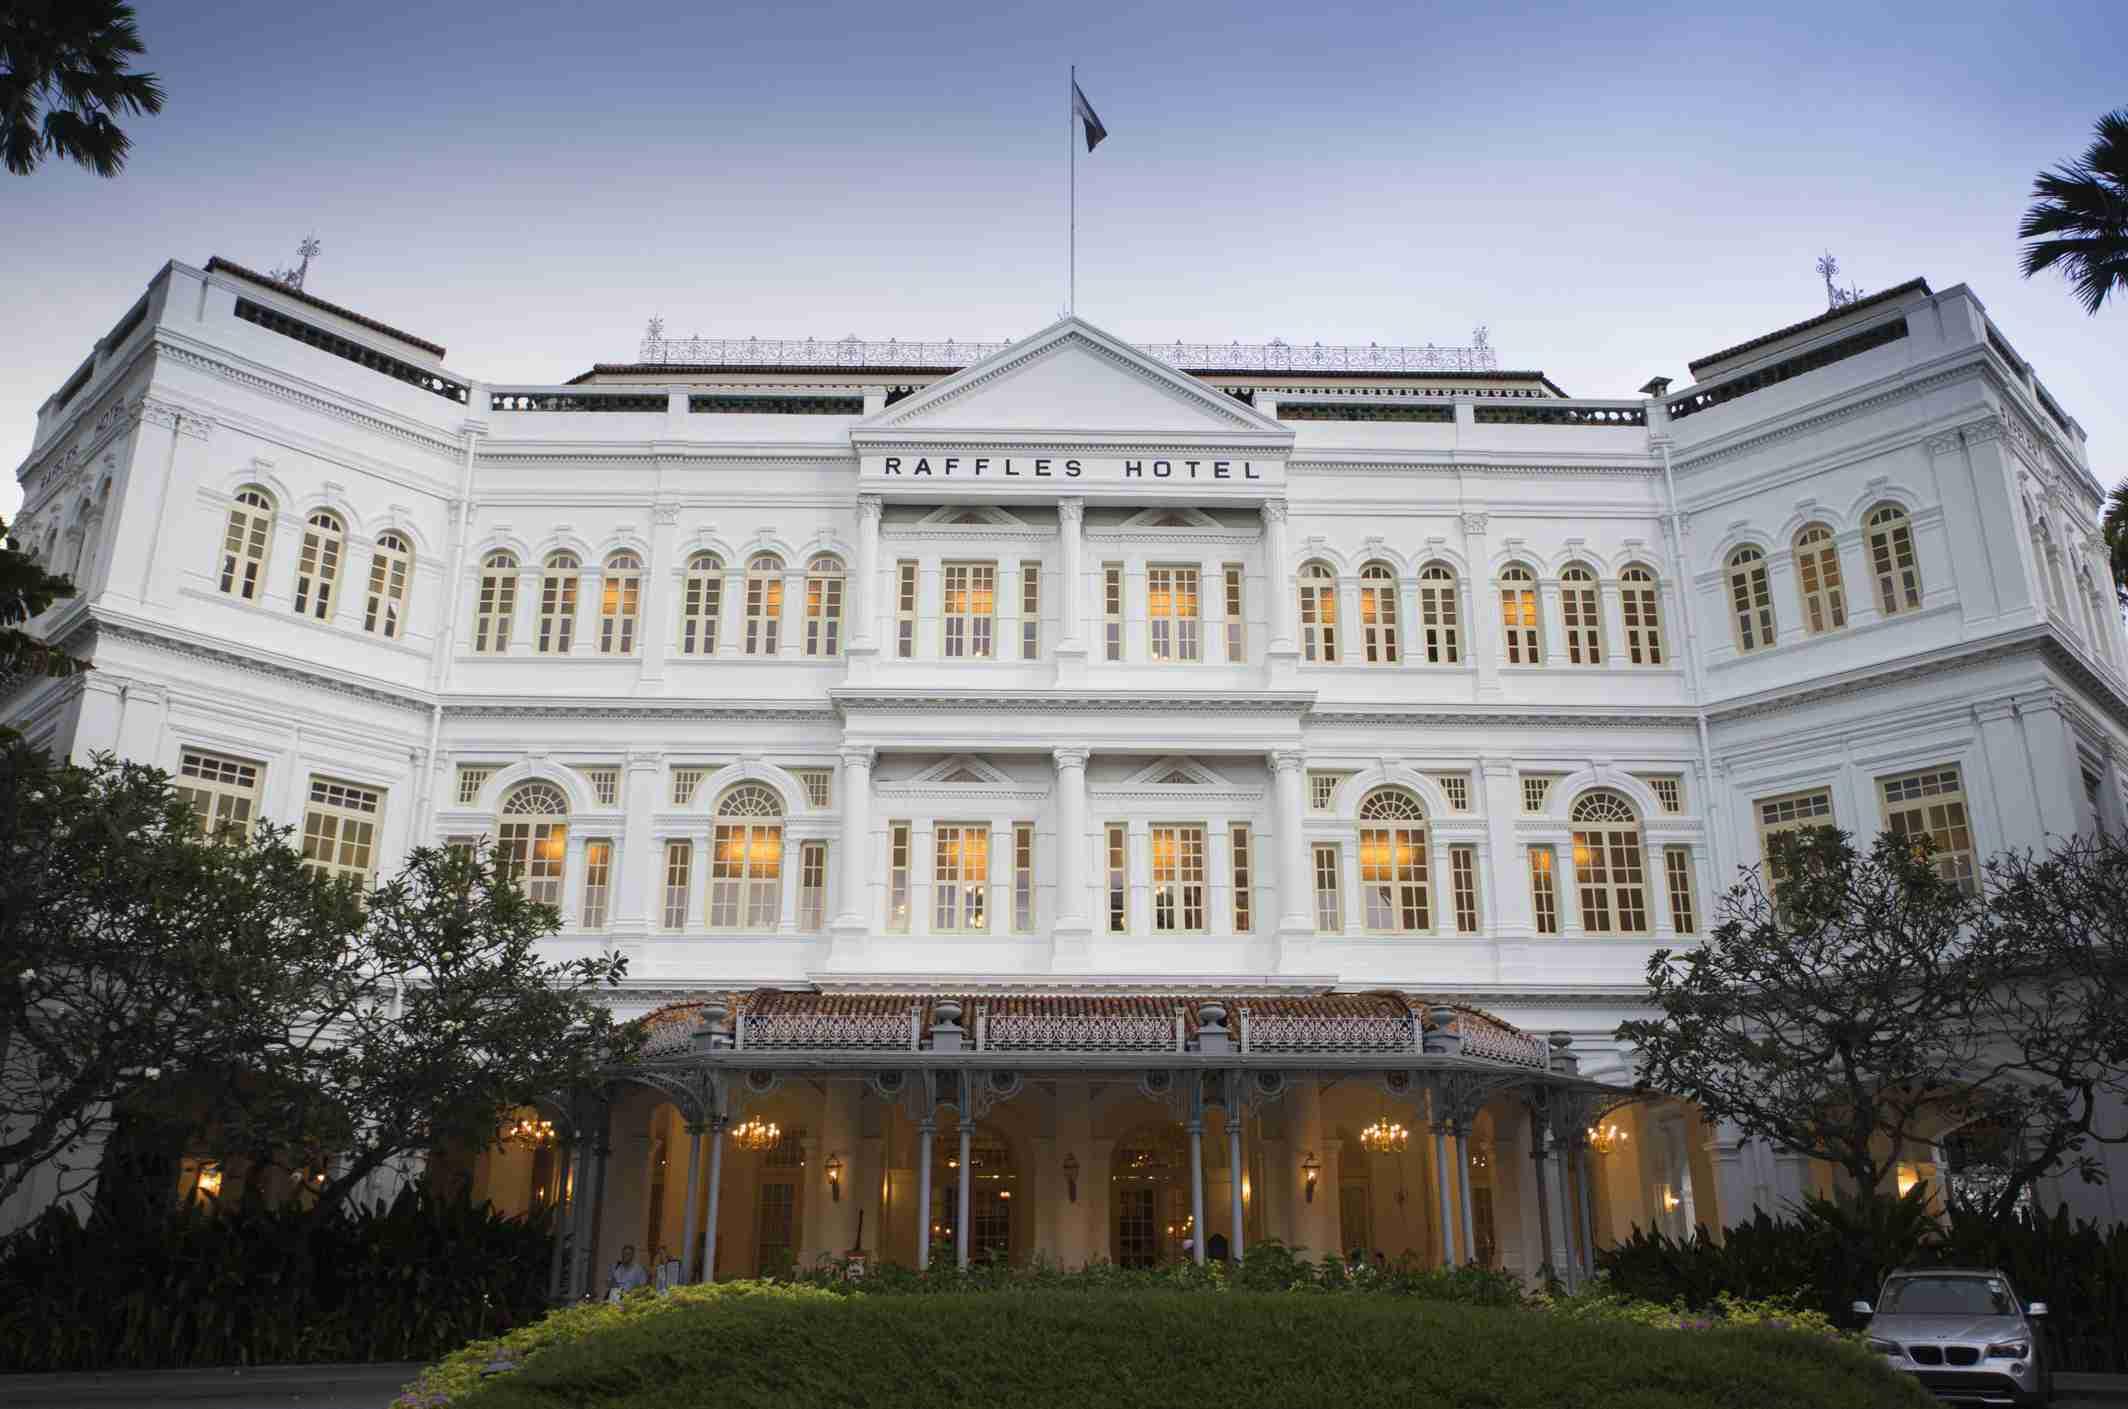 Singapore, Raffles Hotel, Exterior